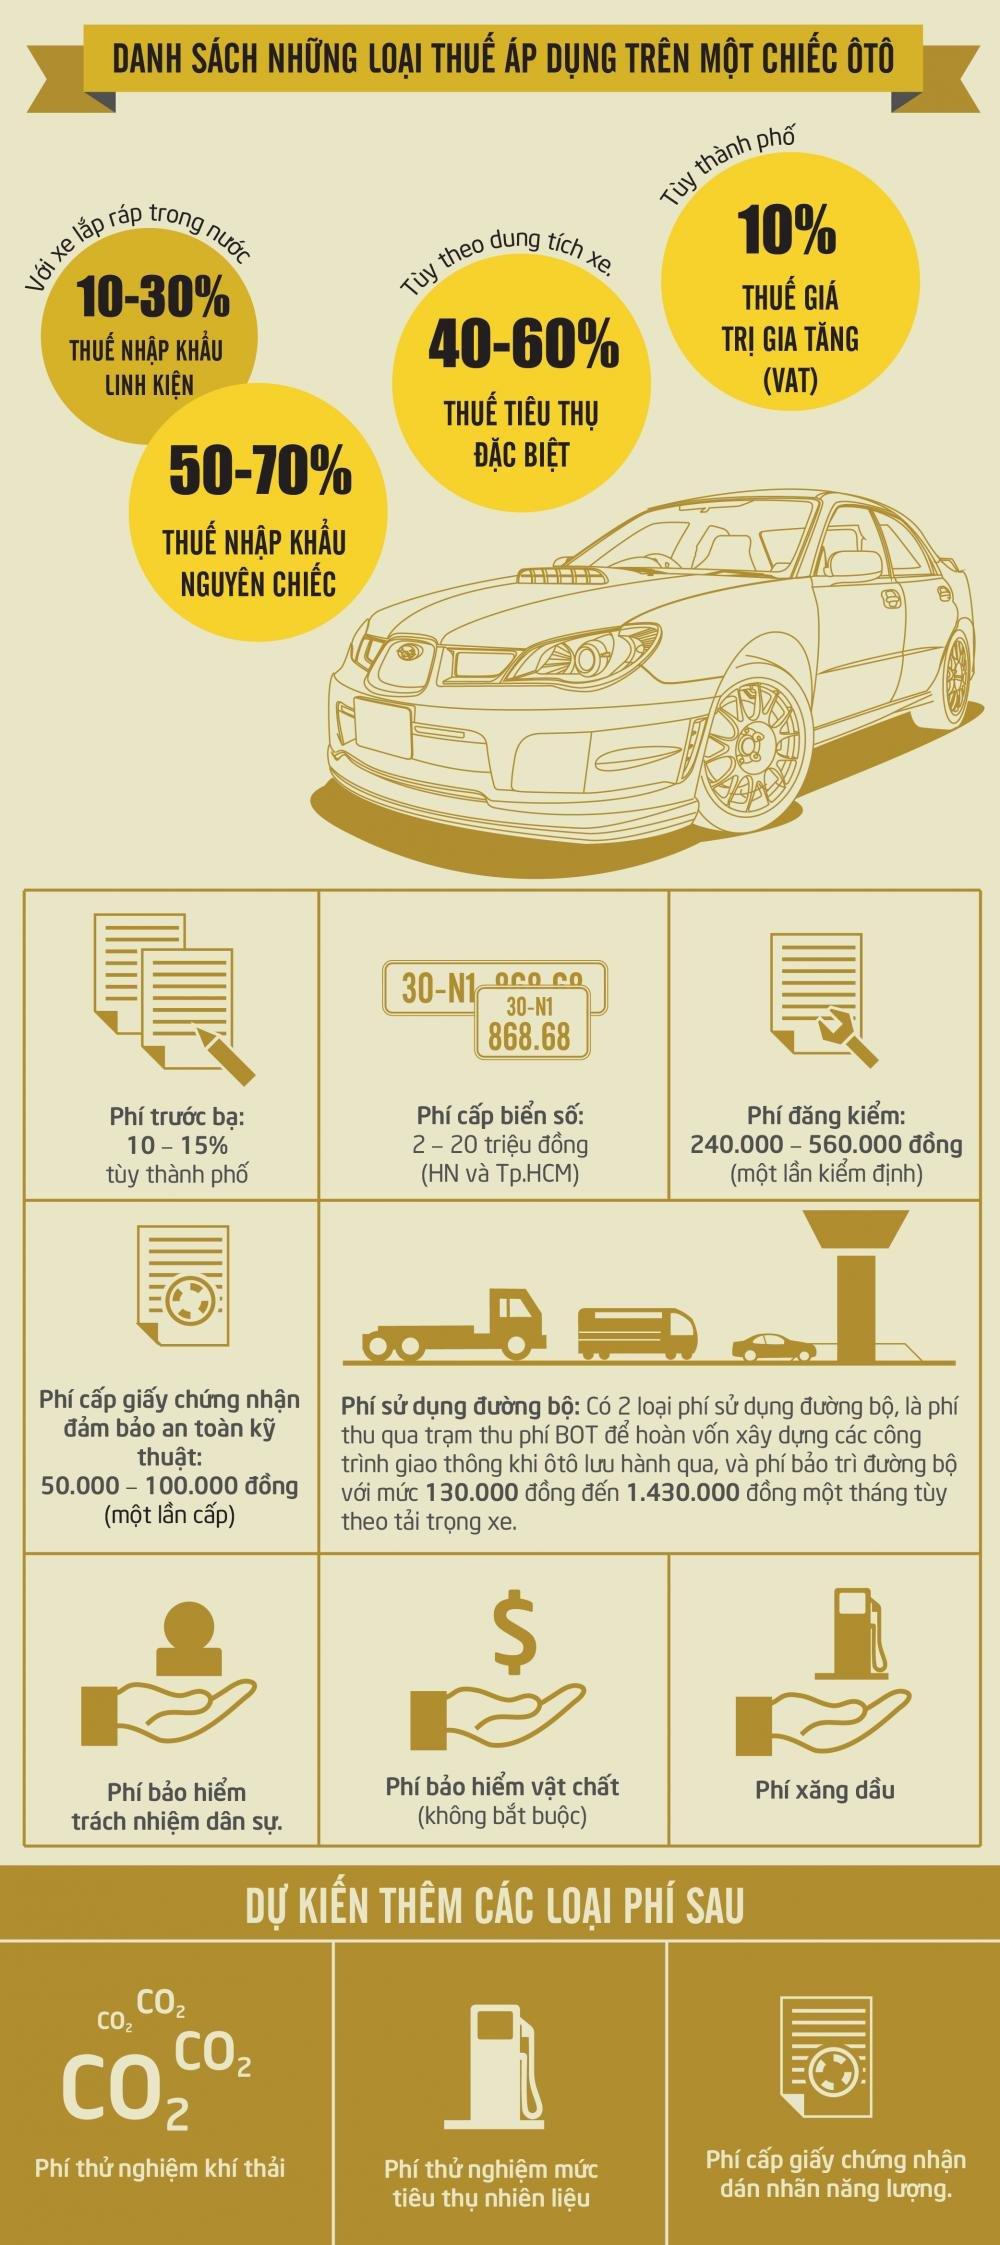 Các loại thuế, phí trên một chiếc ô tô.